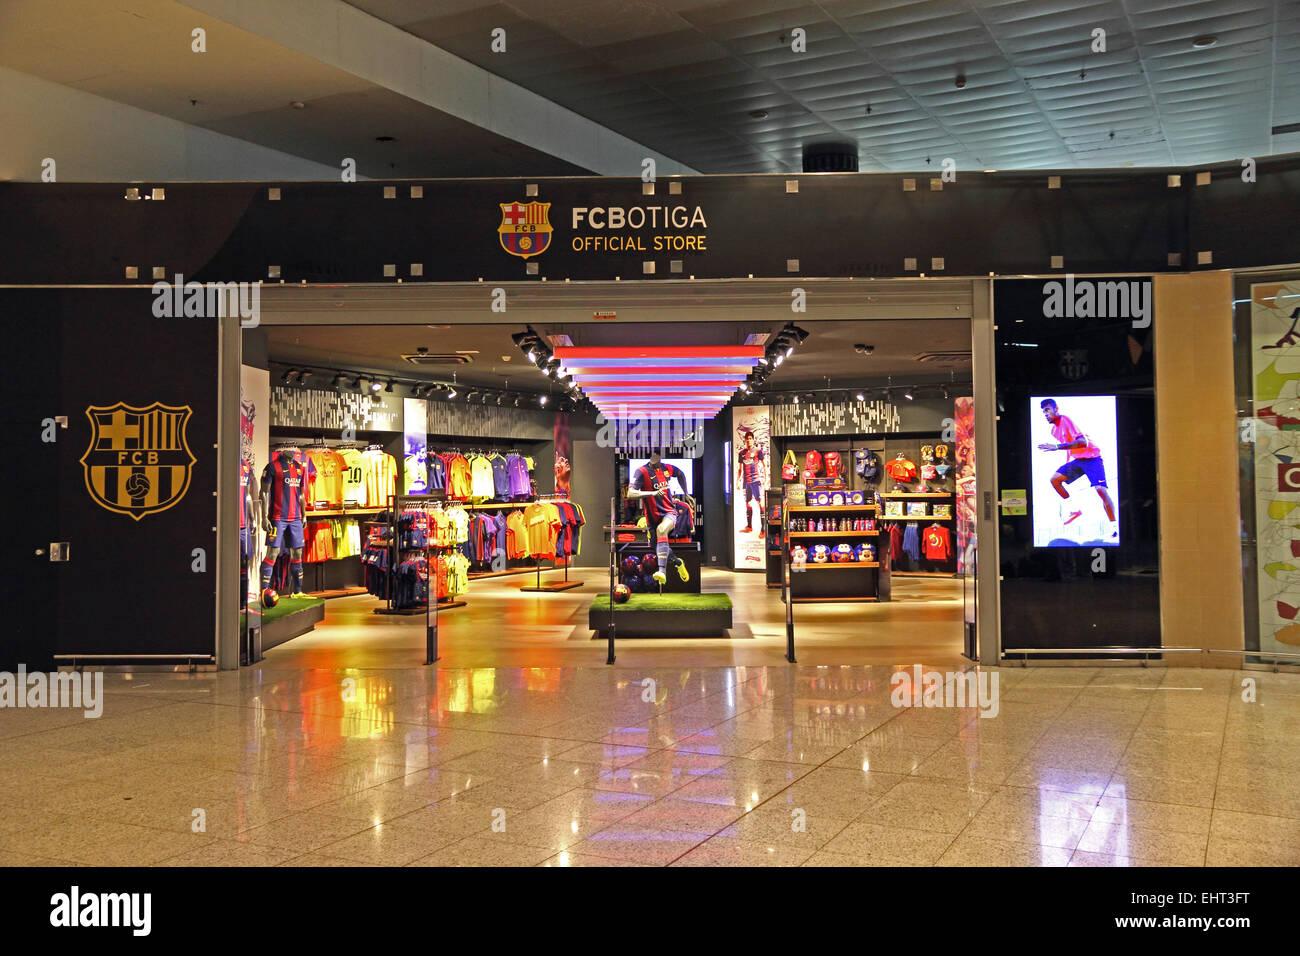 FCBotiga, official FC Barcelona souvenir shop, Barcelona El Prat airport - Stock Image